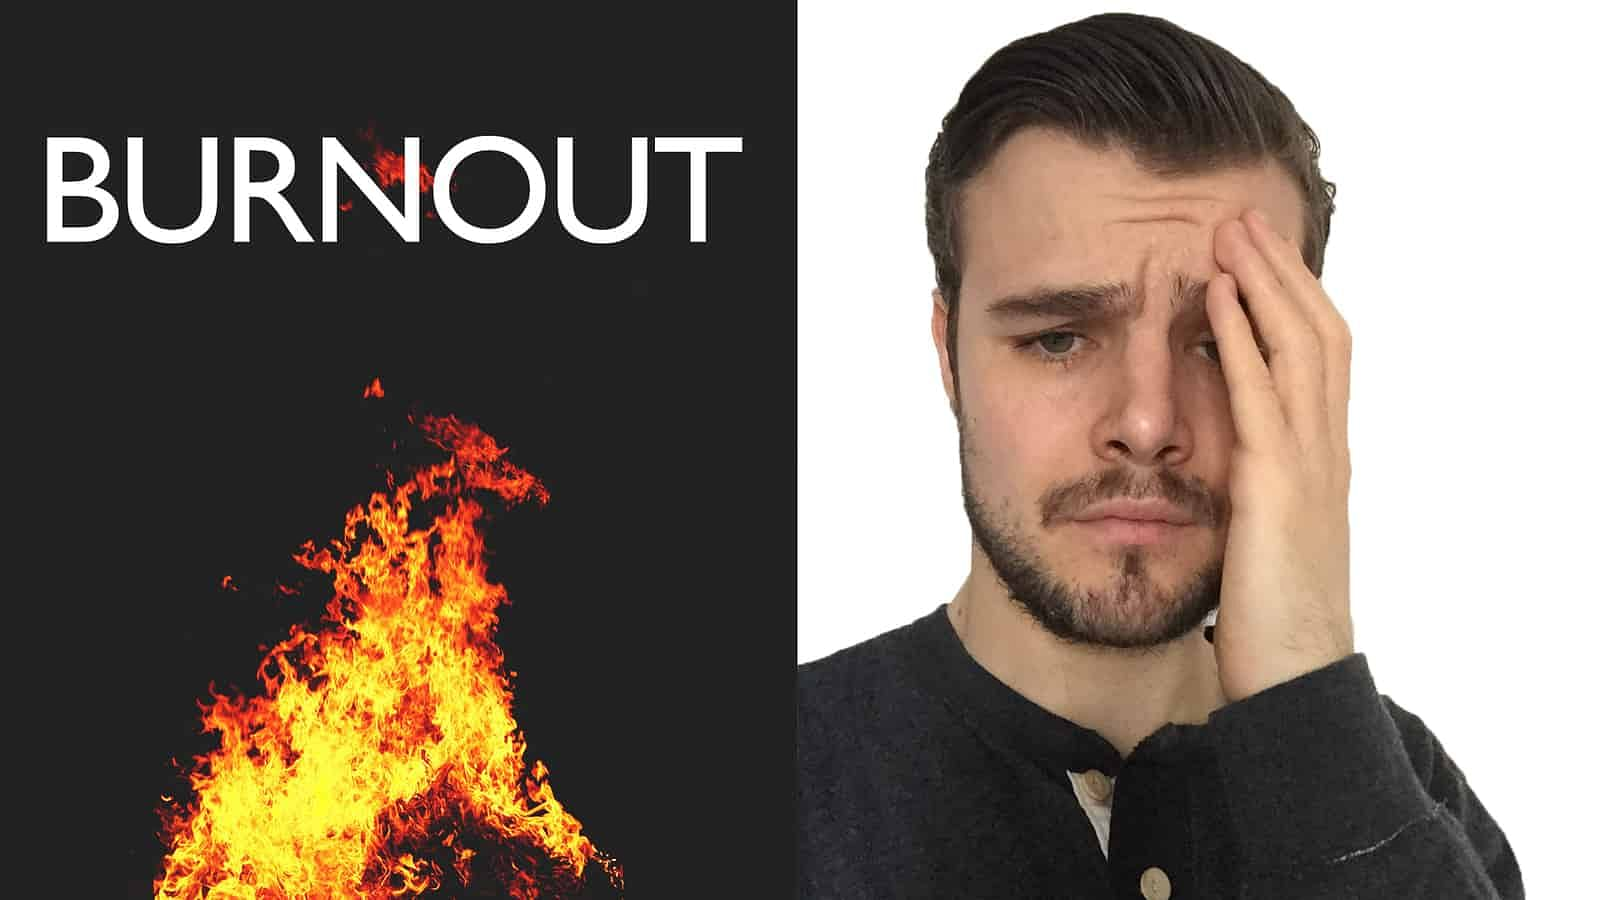 Jacob LE with Burnout